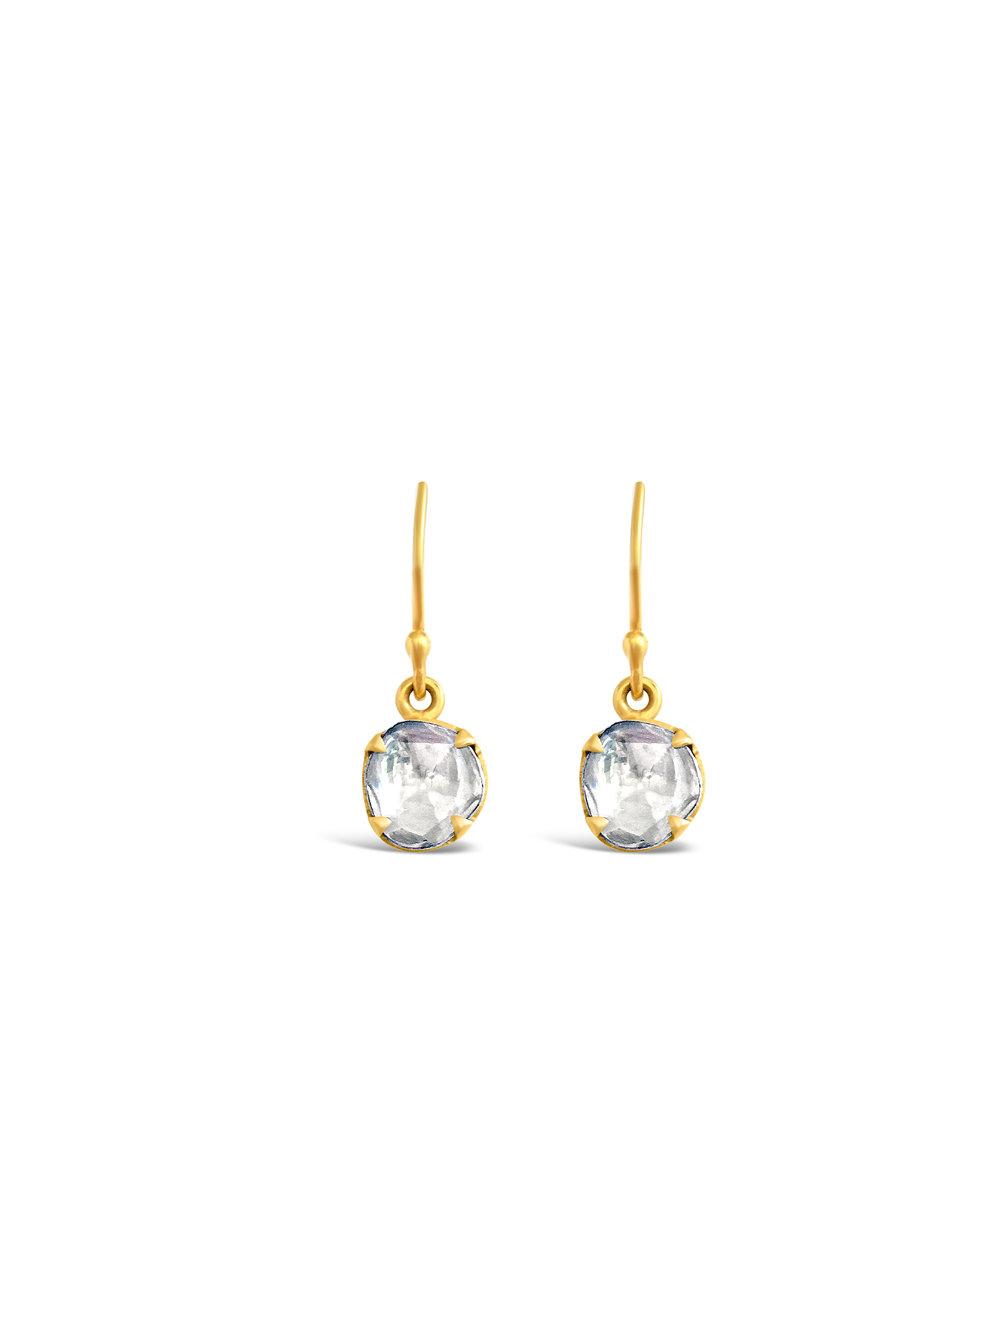 Sierra Winter Jewelry Primrose Diamond Earrings Front.jpg